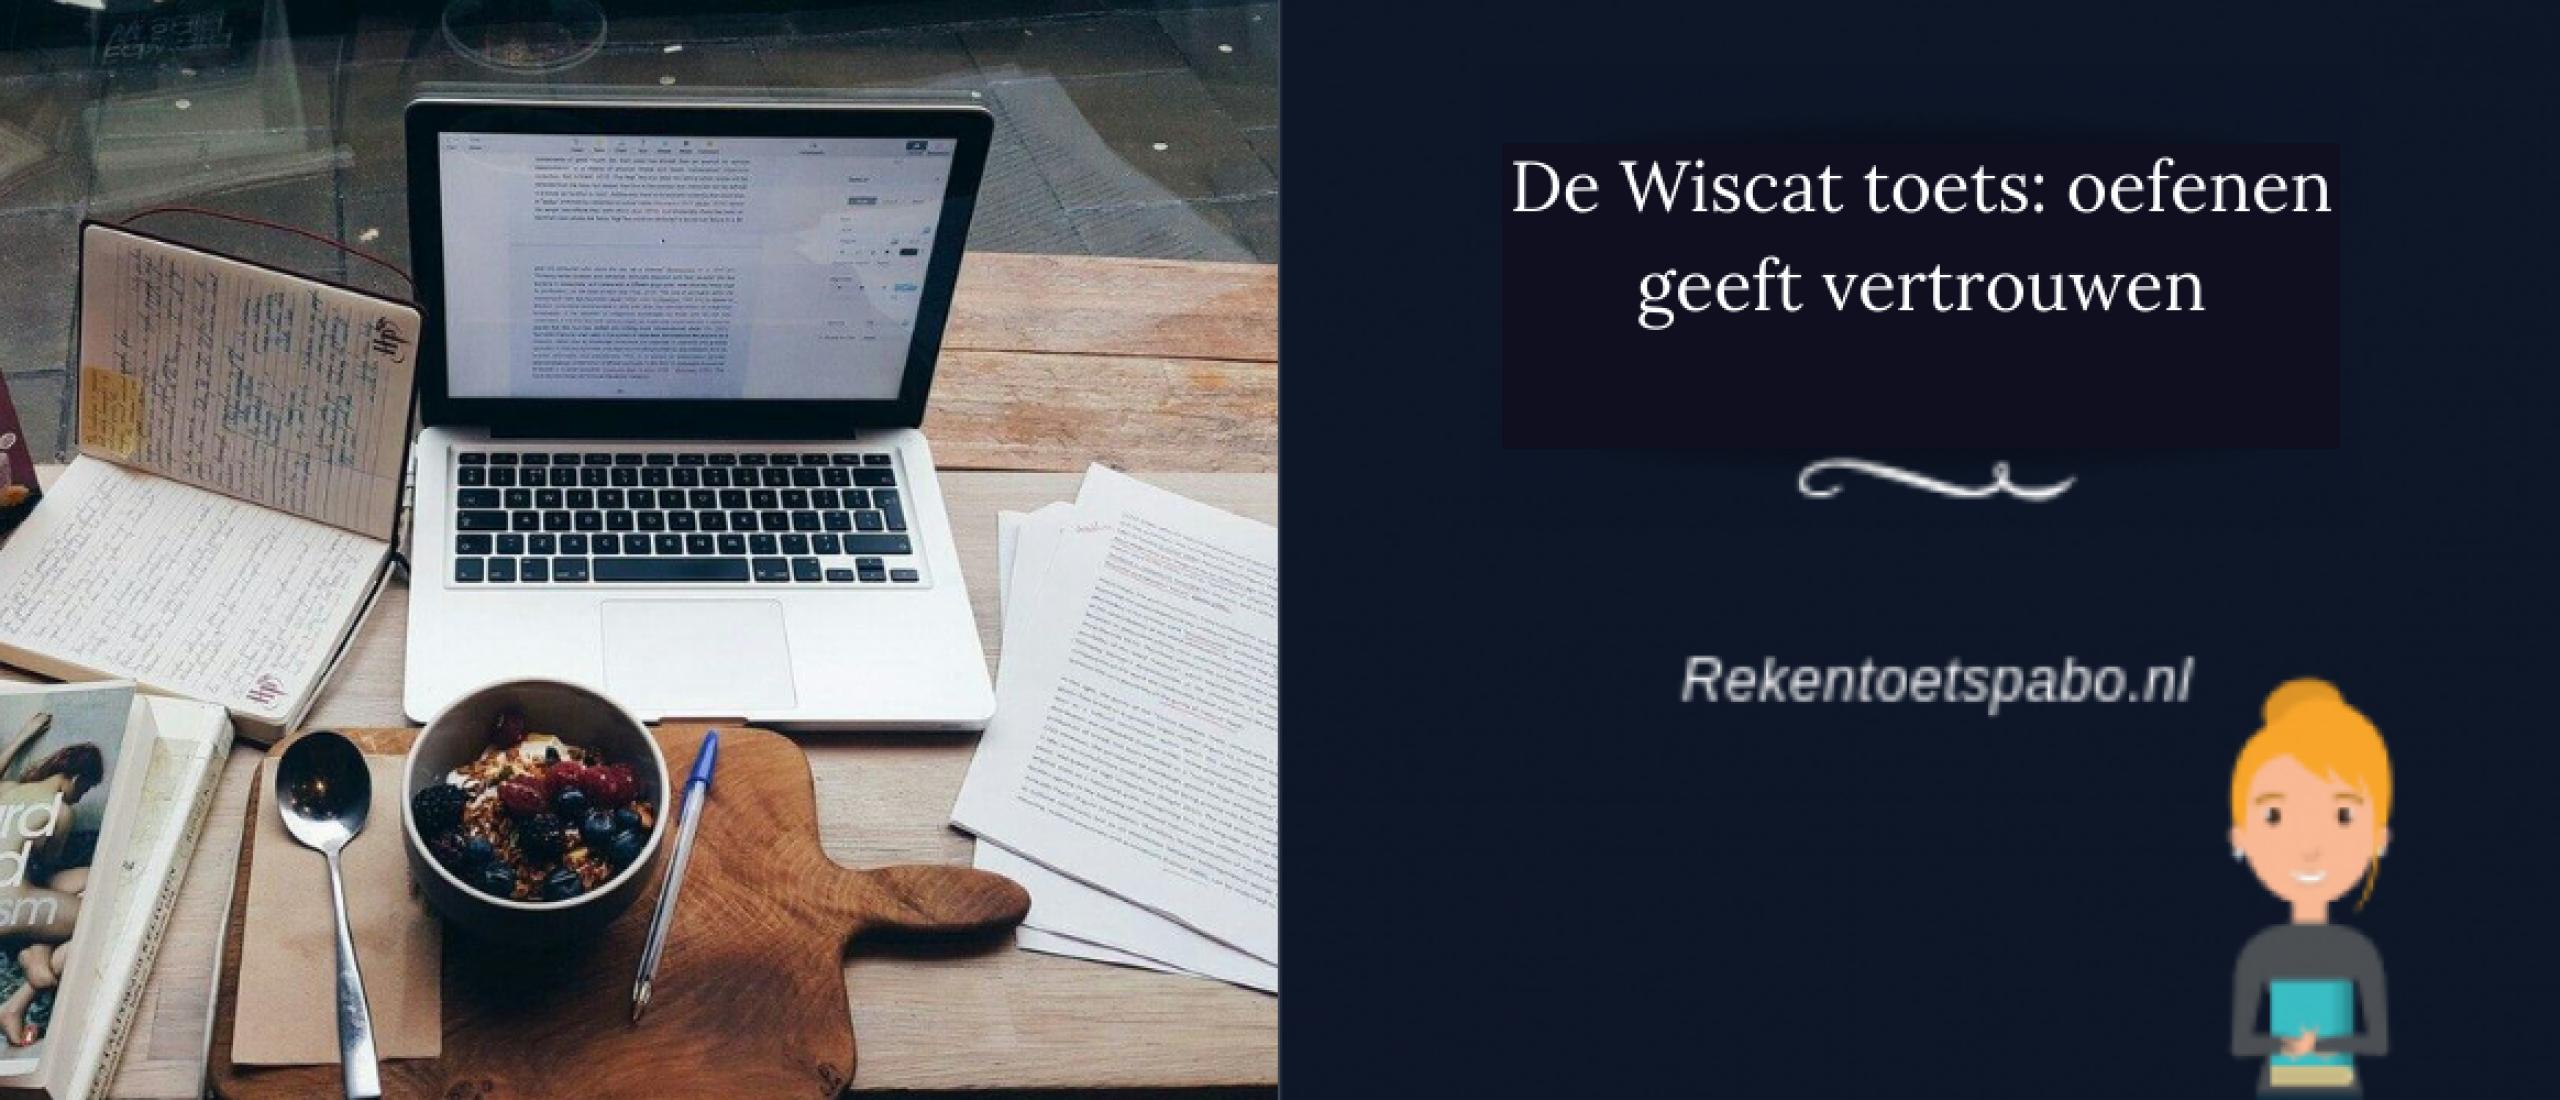 De Wiscat toets: oefenen geeft vertrouwen